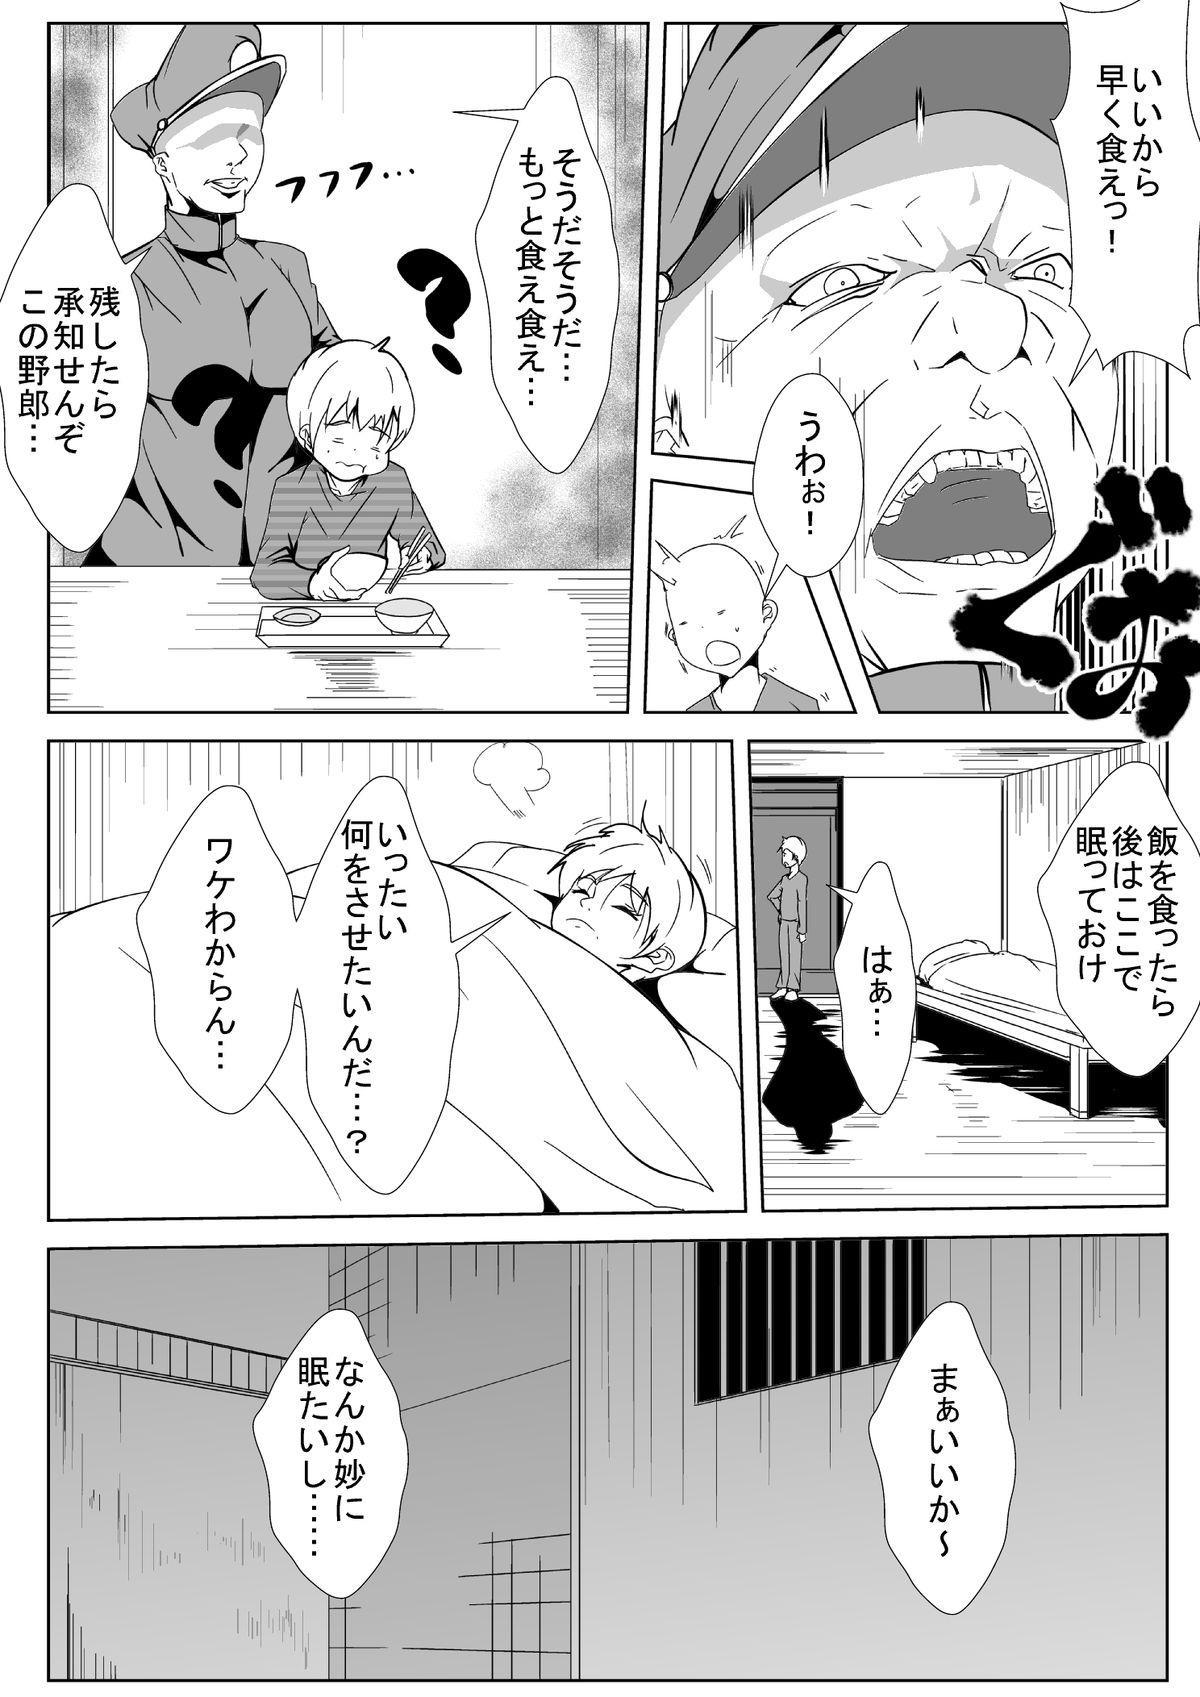 Otoko Shuujin Nyotaika Keikaku 2